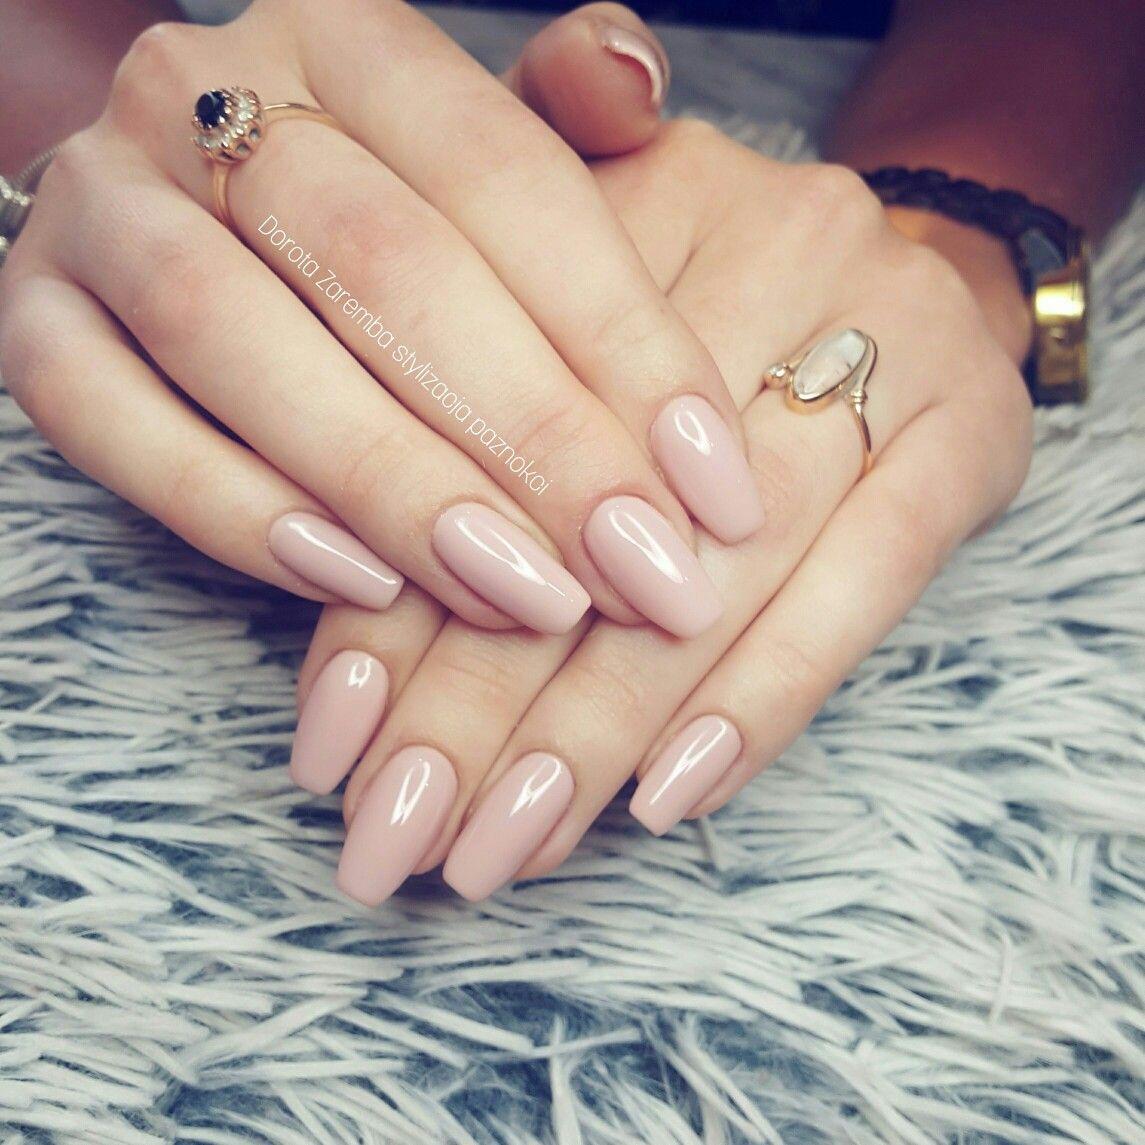 Natural nails, nude nails, design nails, glamour nails, style nails ...